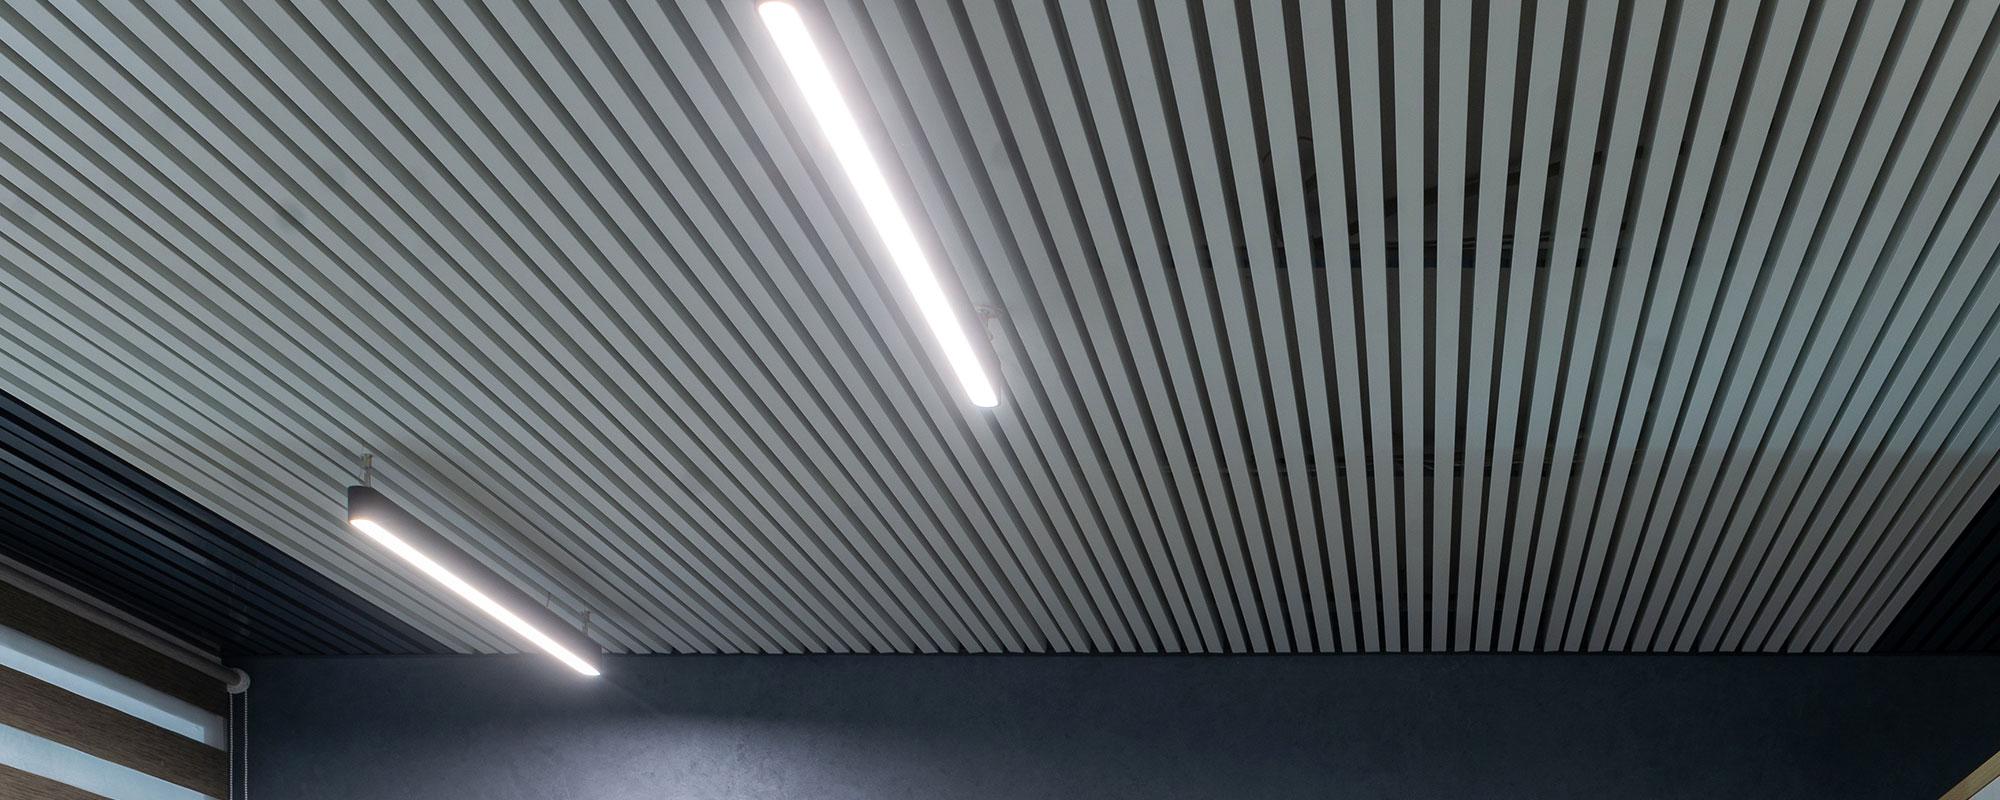 Підвісні стелі від виробника